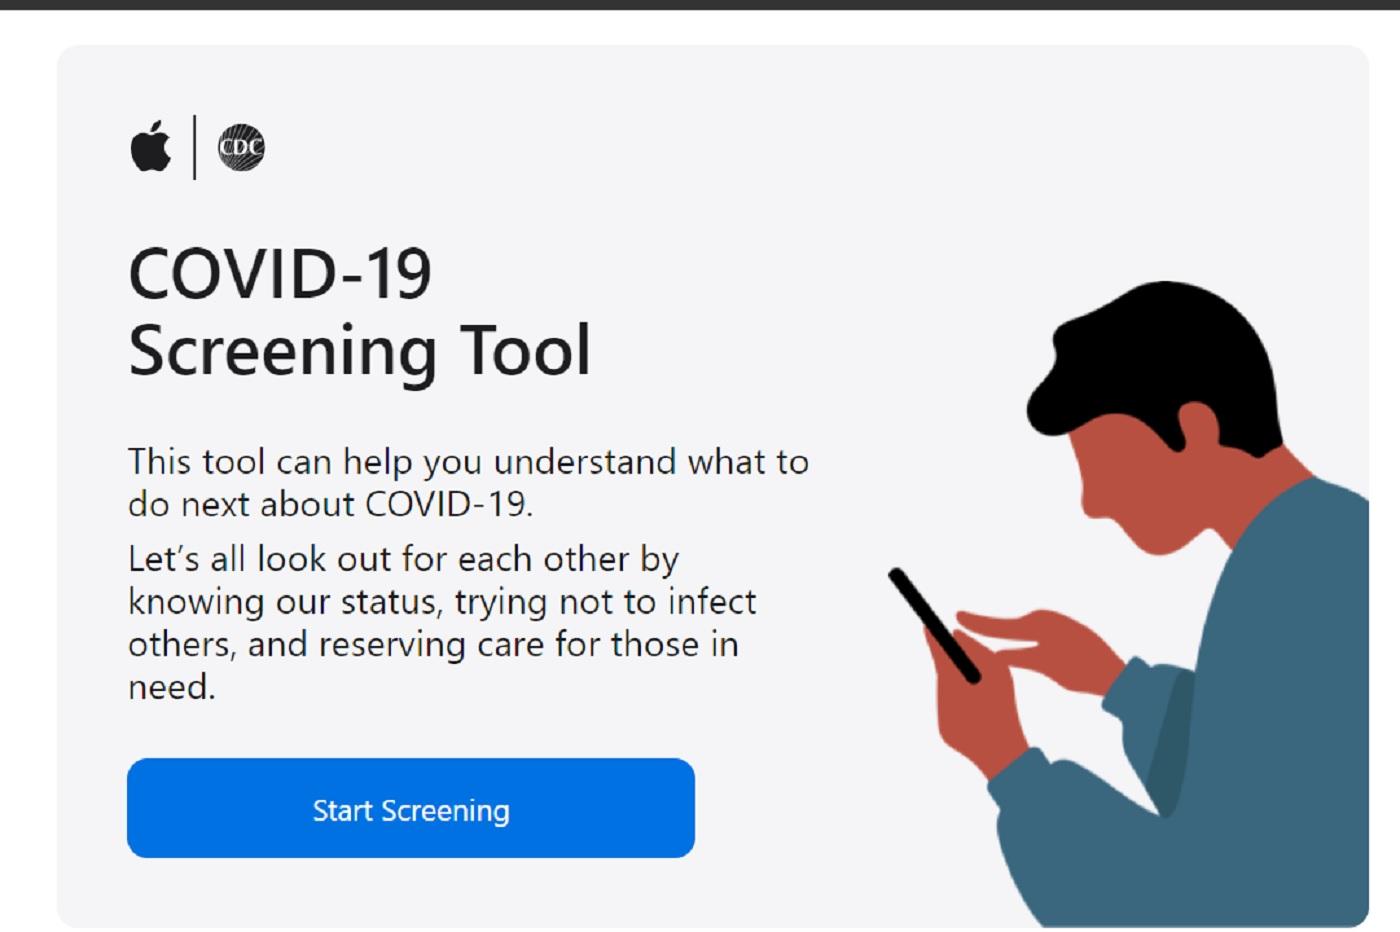 L'outil d'iformations sur le COVID-19 d'Apple